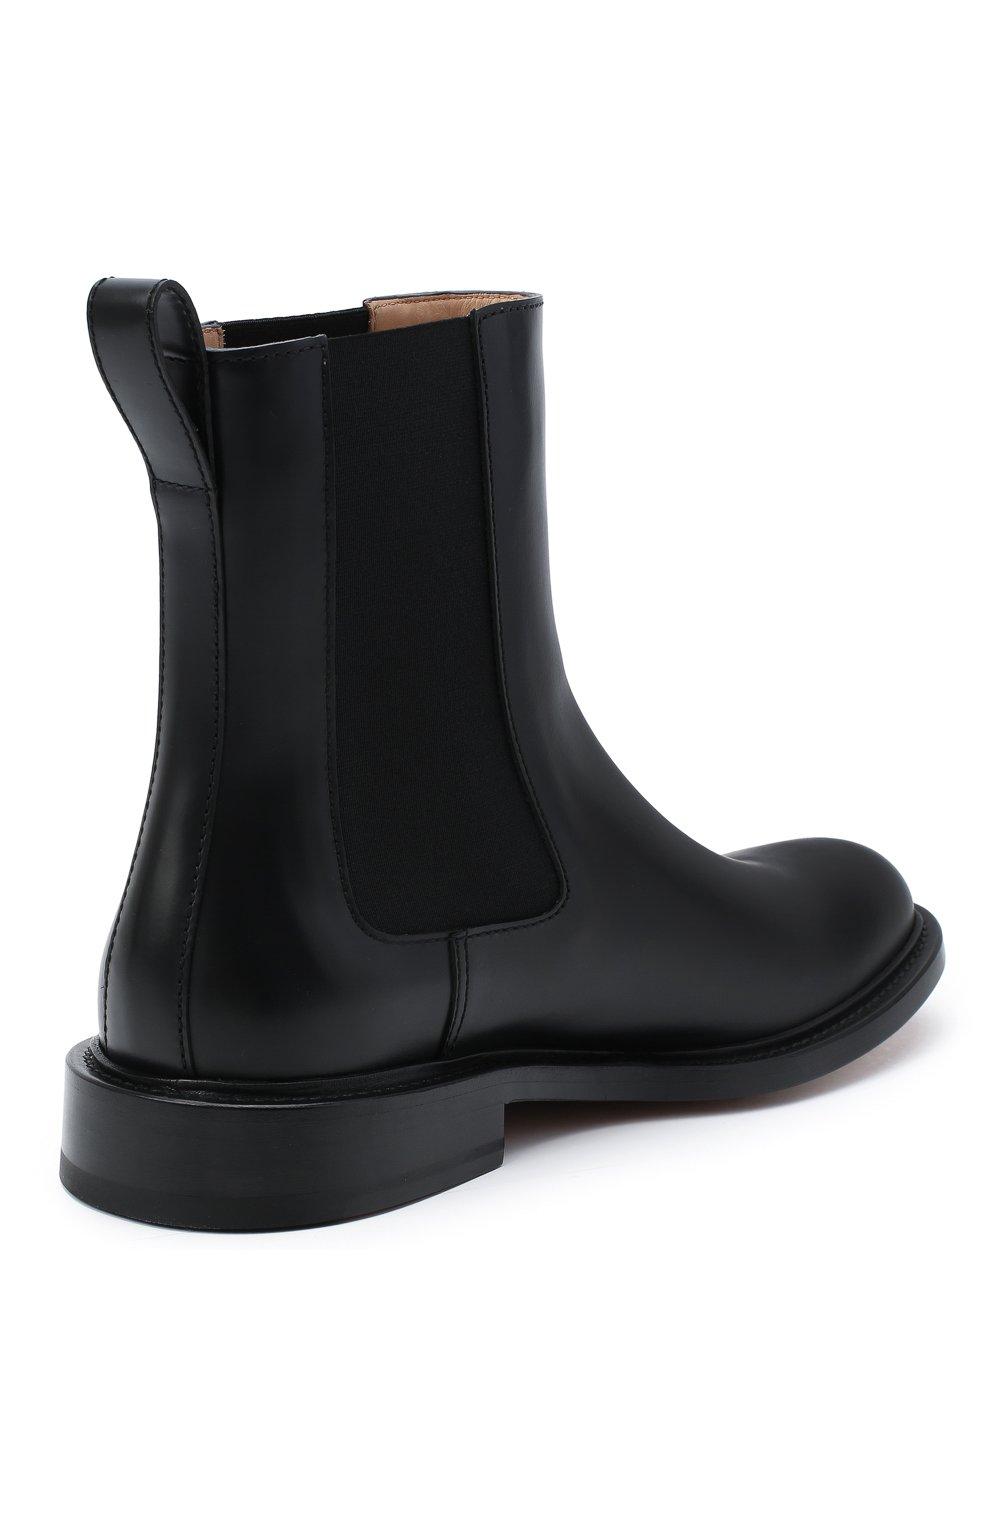 Мужские кожаные челси the level BOTTEGA VENETA черного цвета, арт. 652357/V00H0 | Фото 4 (Материал внутренний: Натуральная кожа; Подошва: Плоская; Мужское Кросс-КТ: Сапоги-обувь, Челси-обувь)